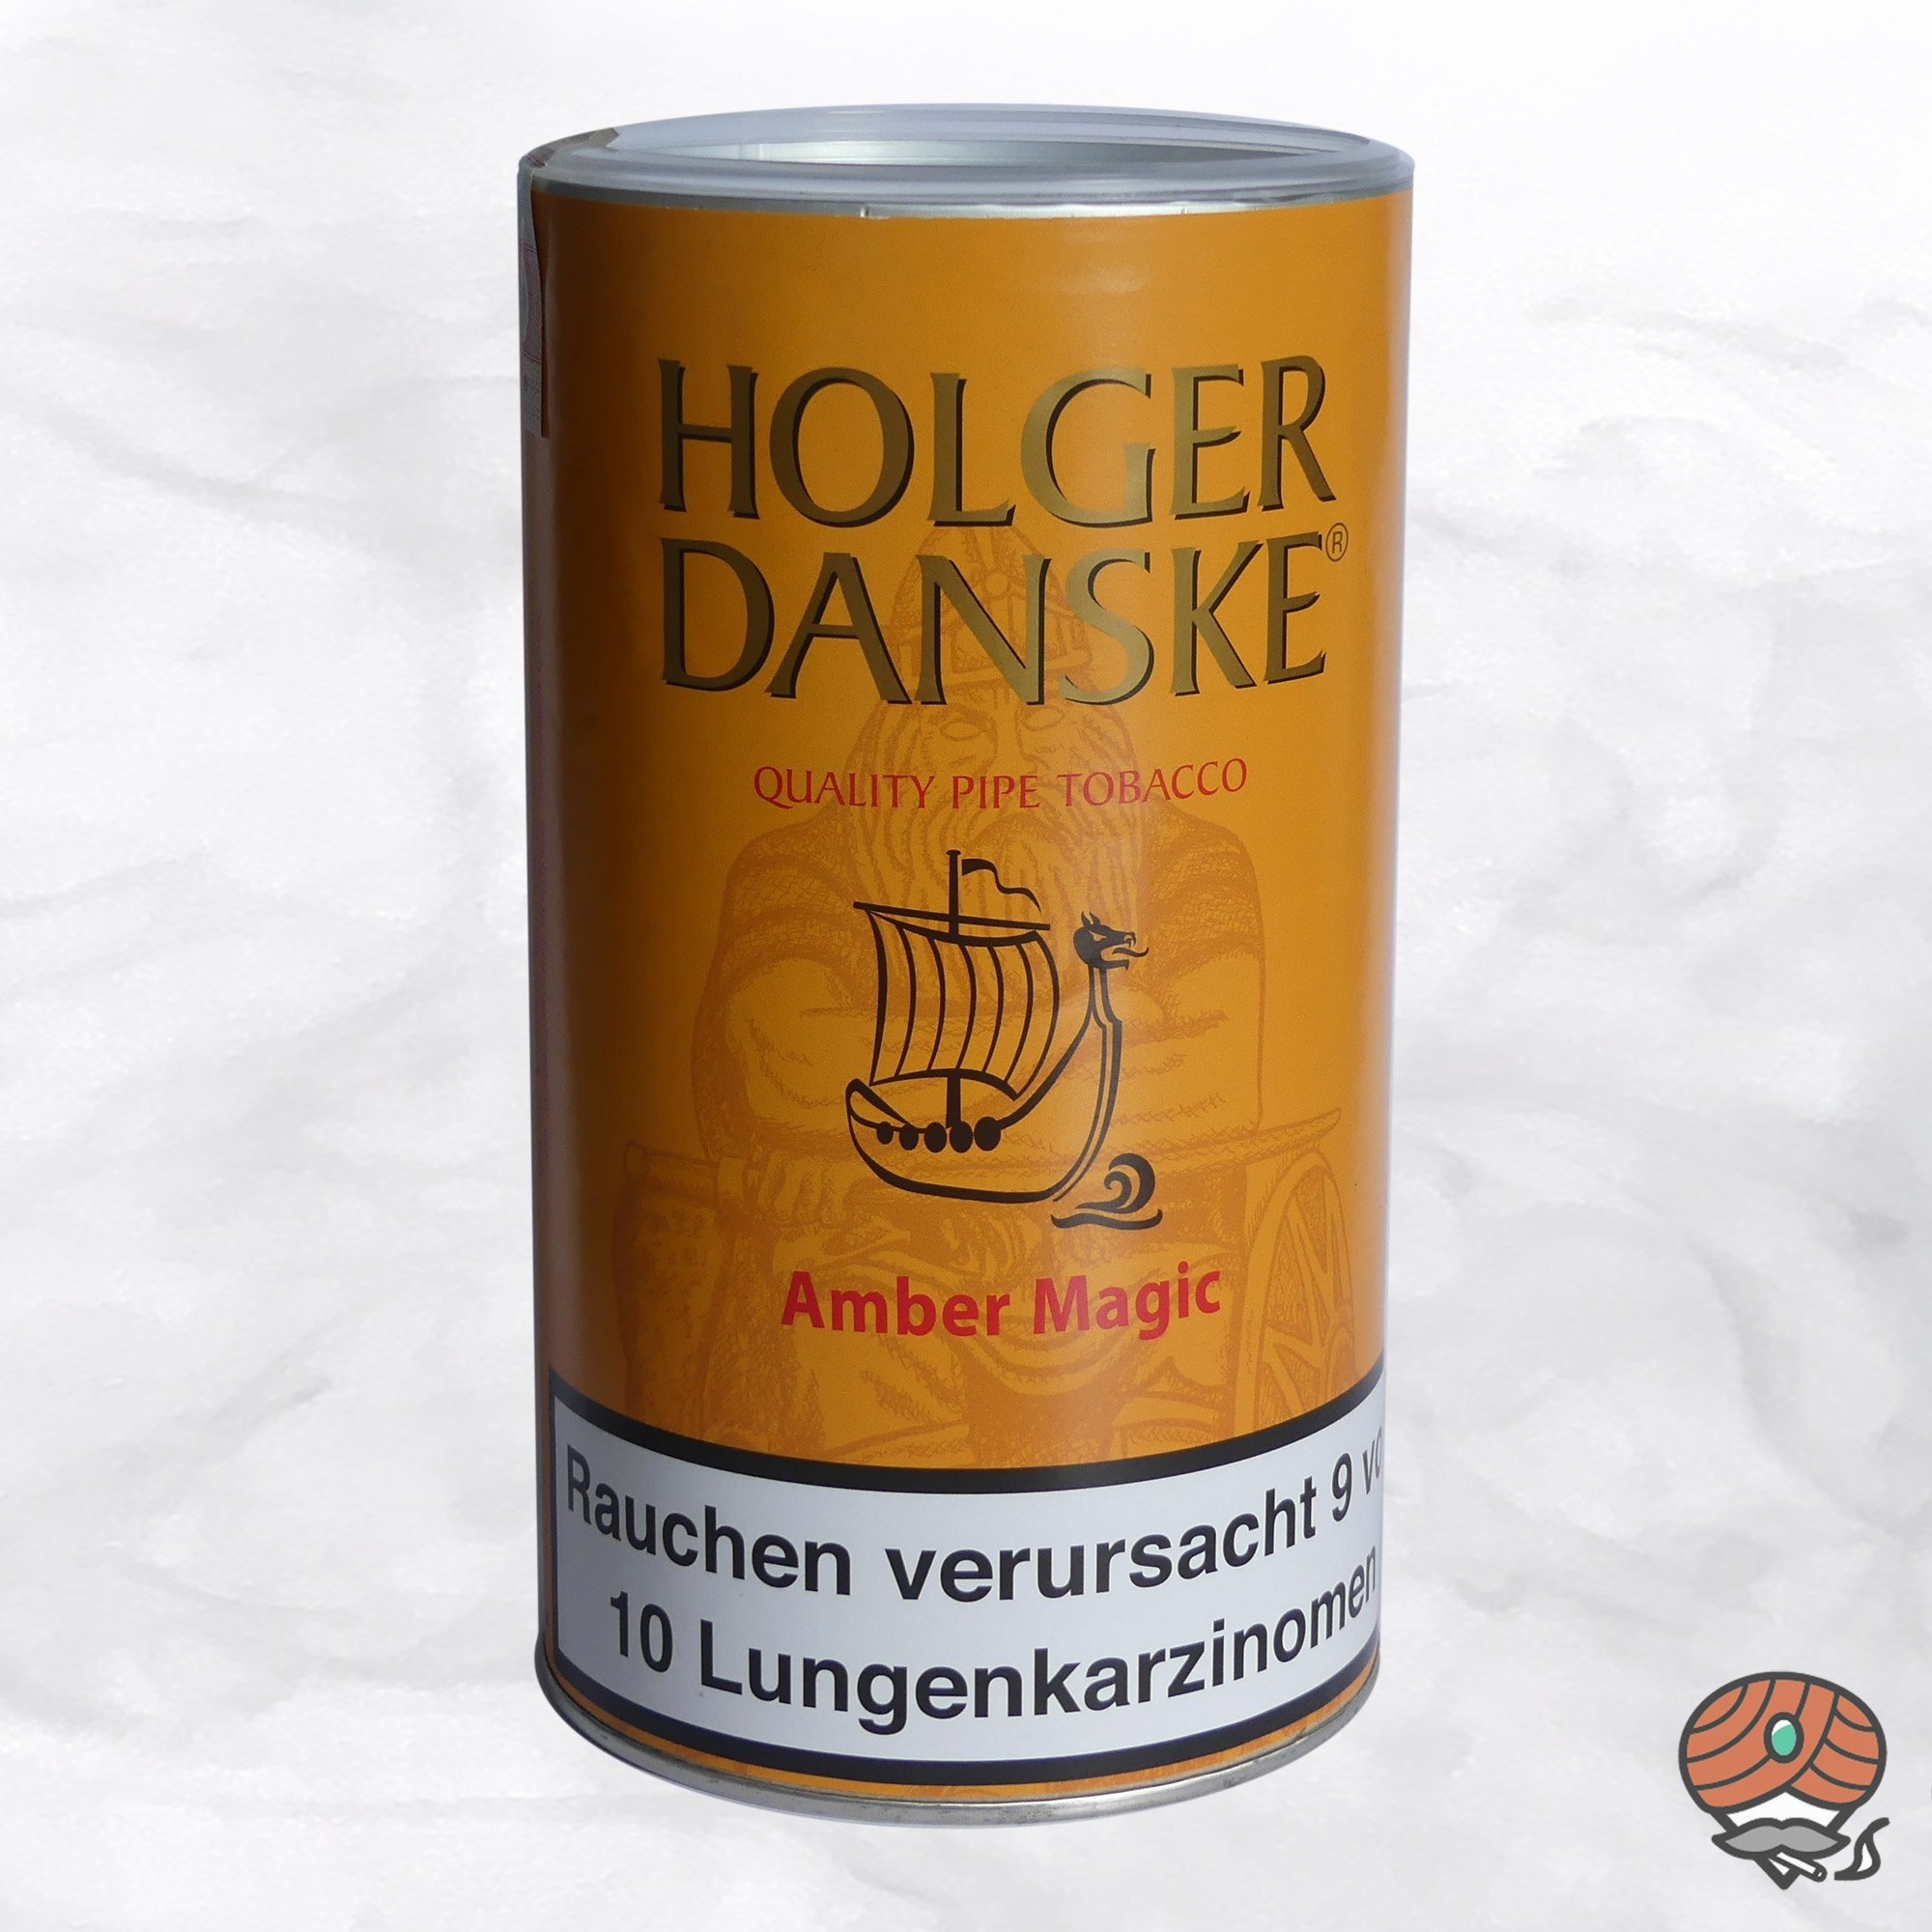 Holger Danske Amber Magic Pfeifentabak 250 g Dose